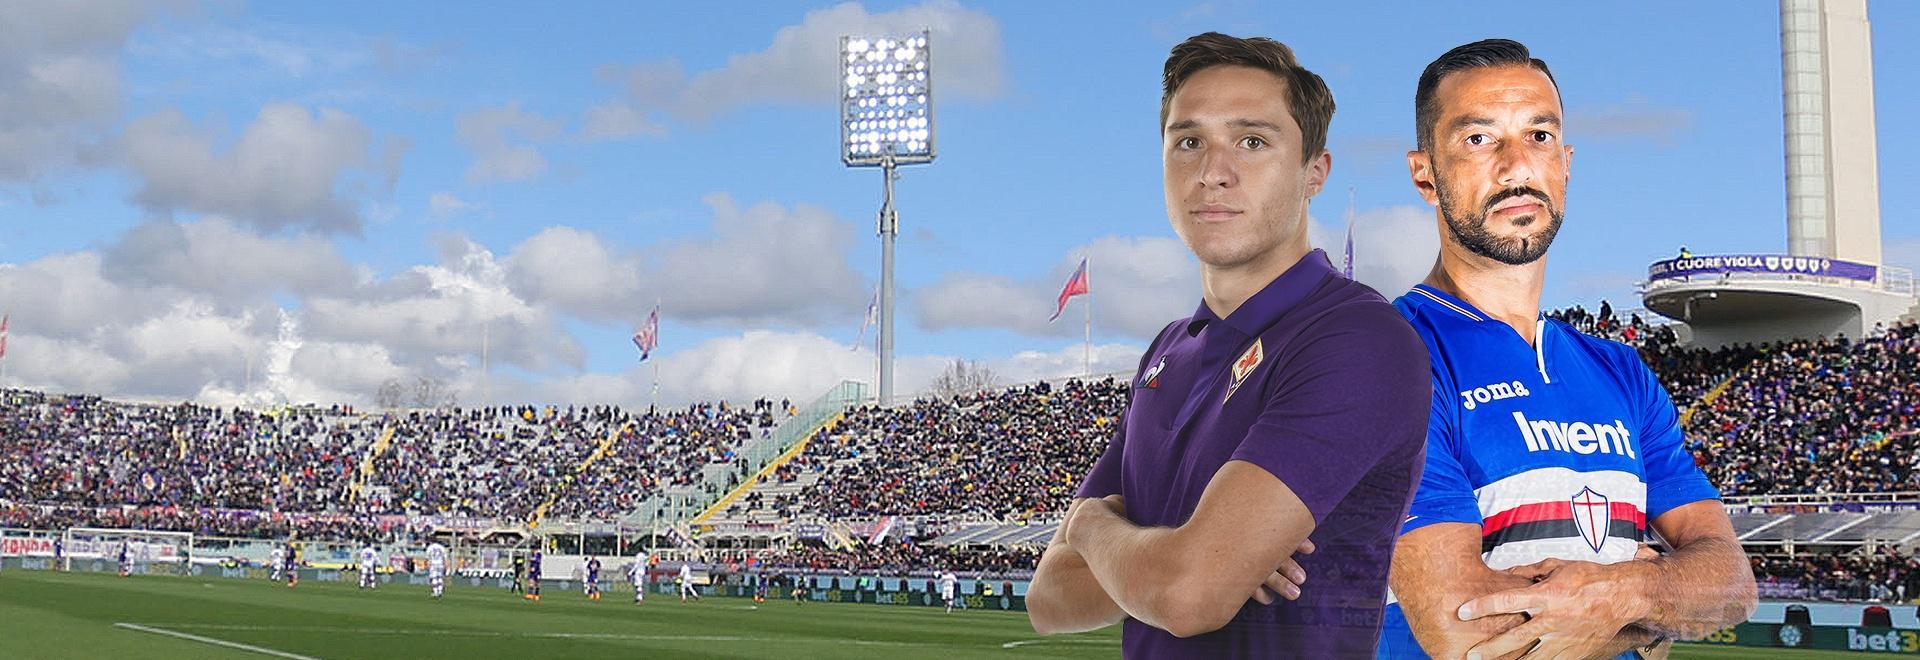 Fiorentina - Sampdoria. 20a g.